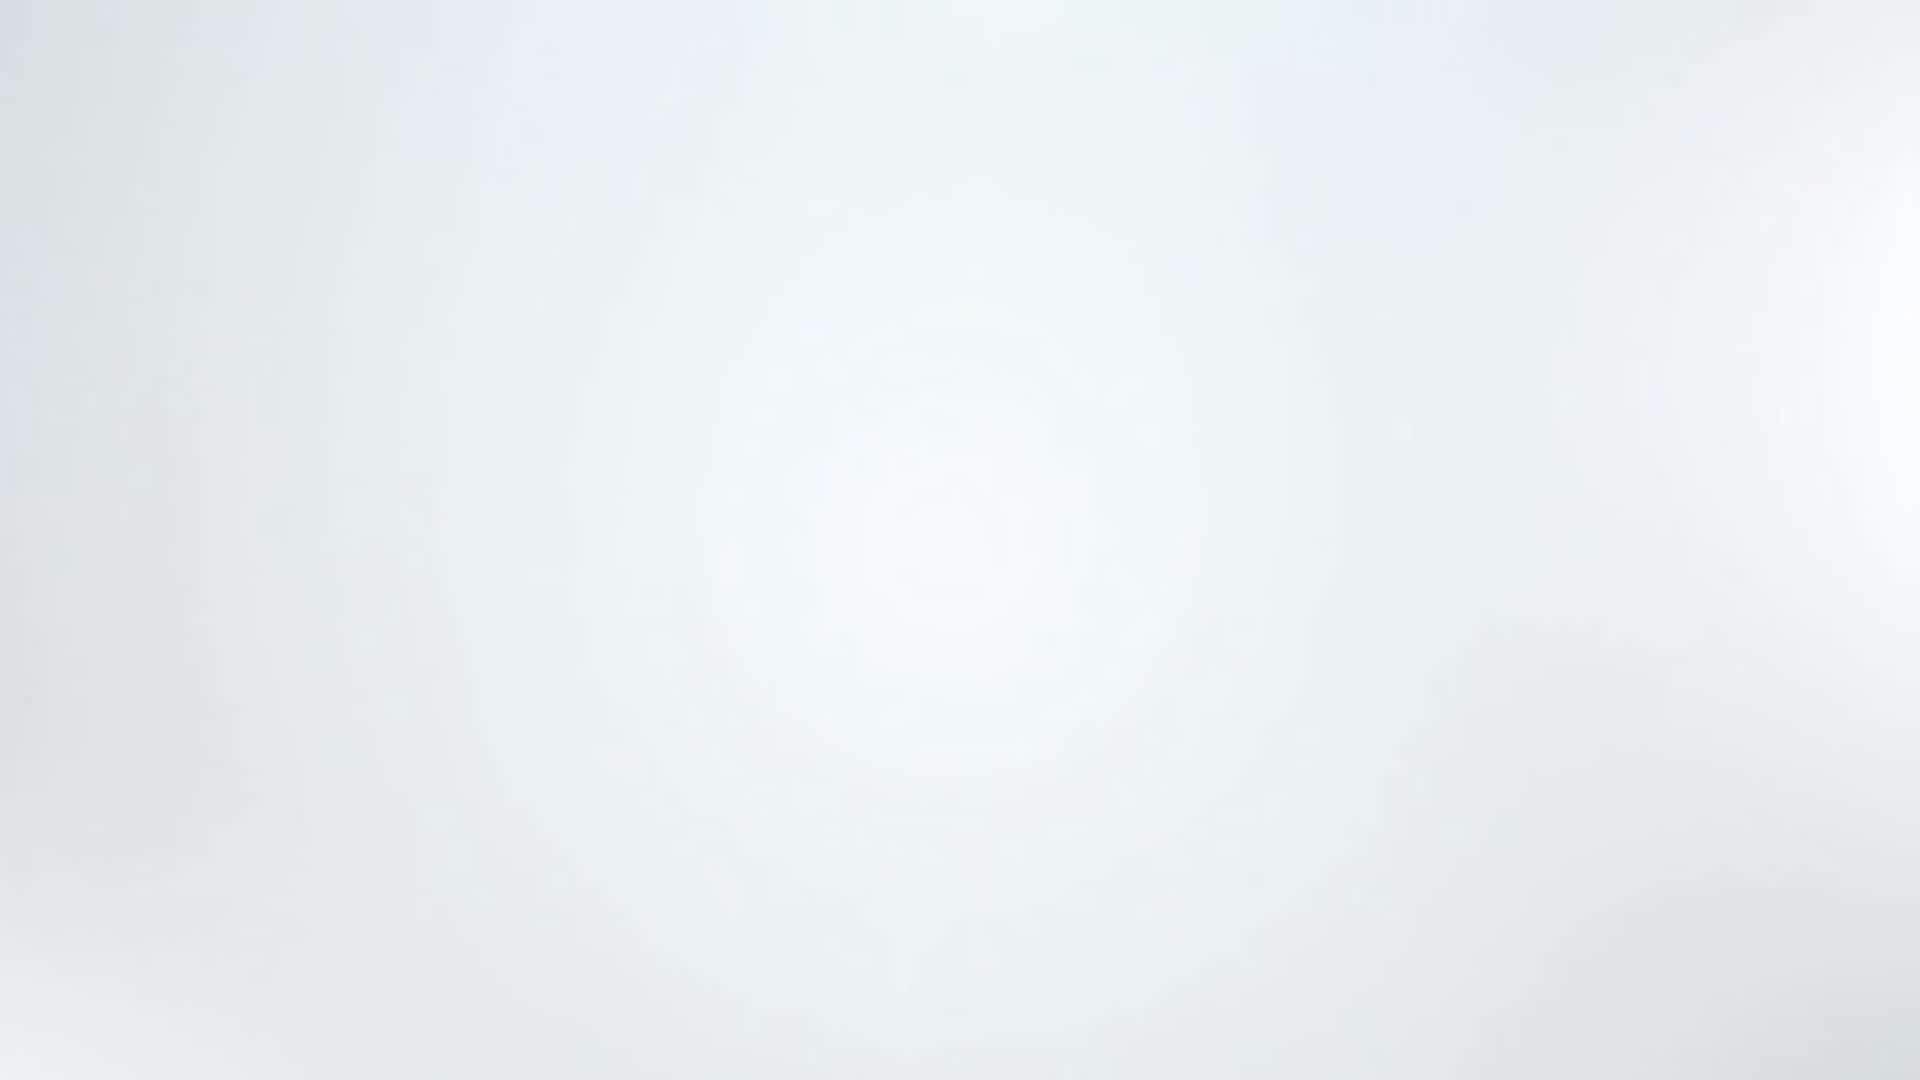 2740 acryl beschichtet geflochtenen hülse fiberglas geflochten draht sleeving